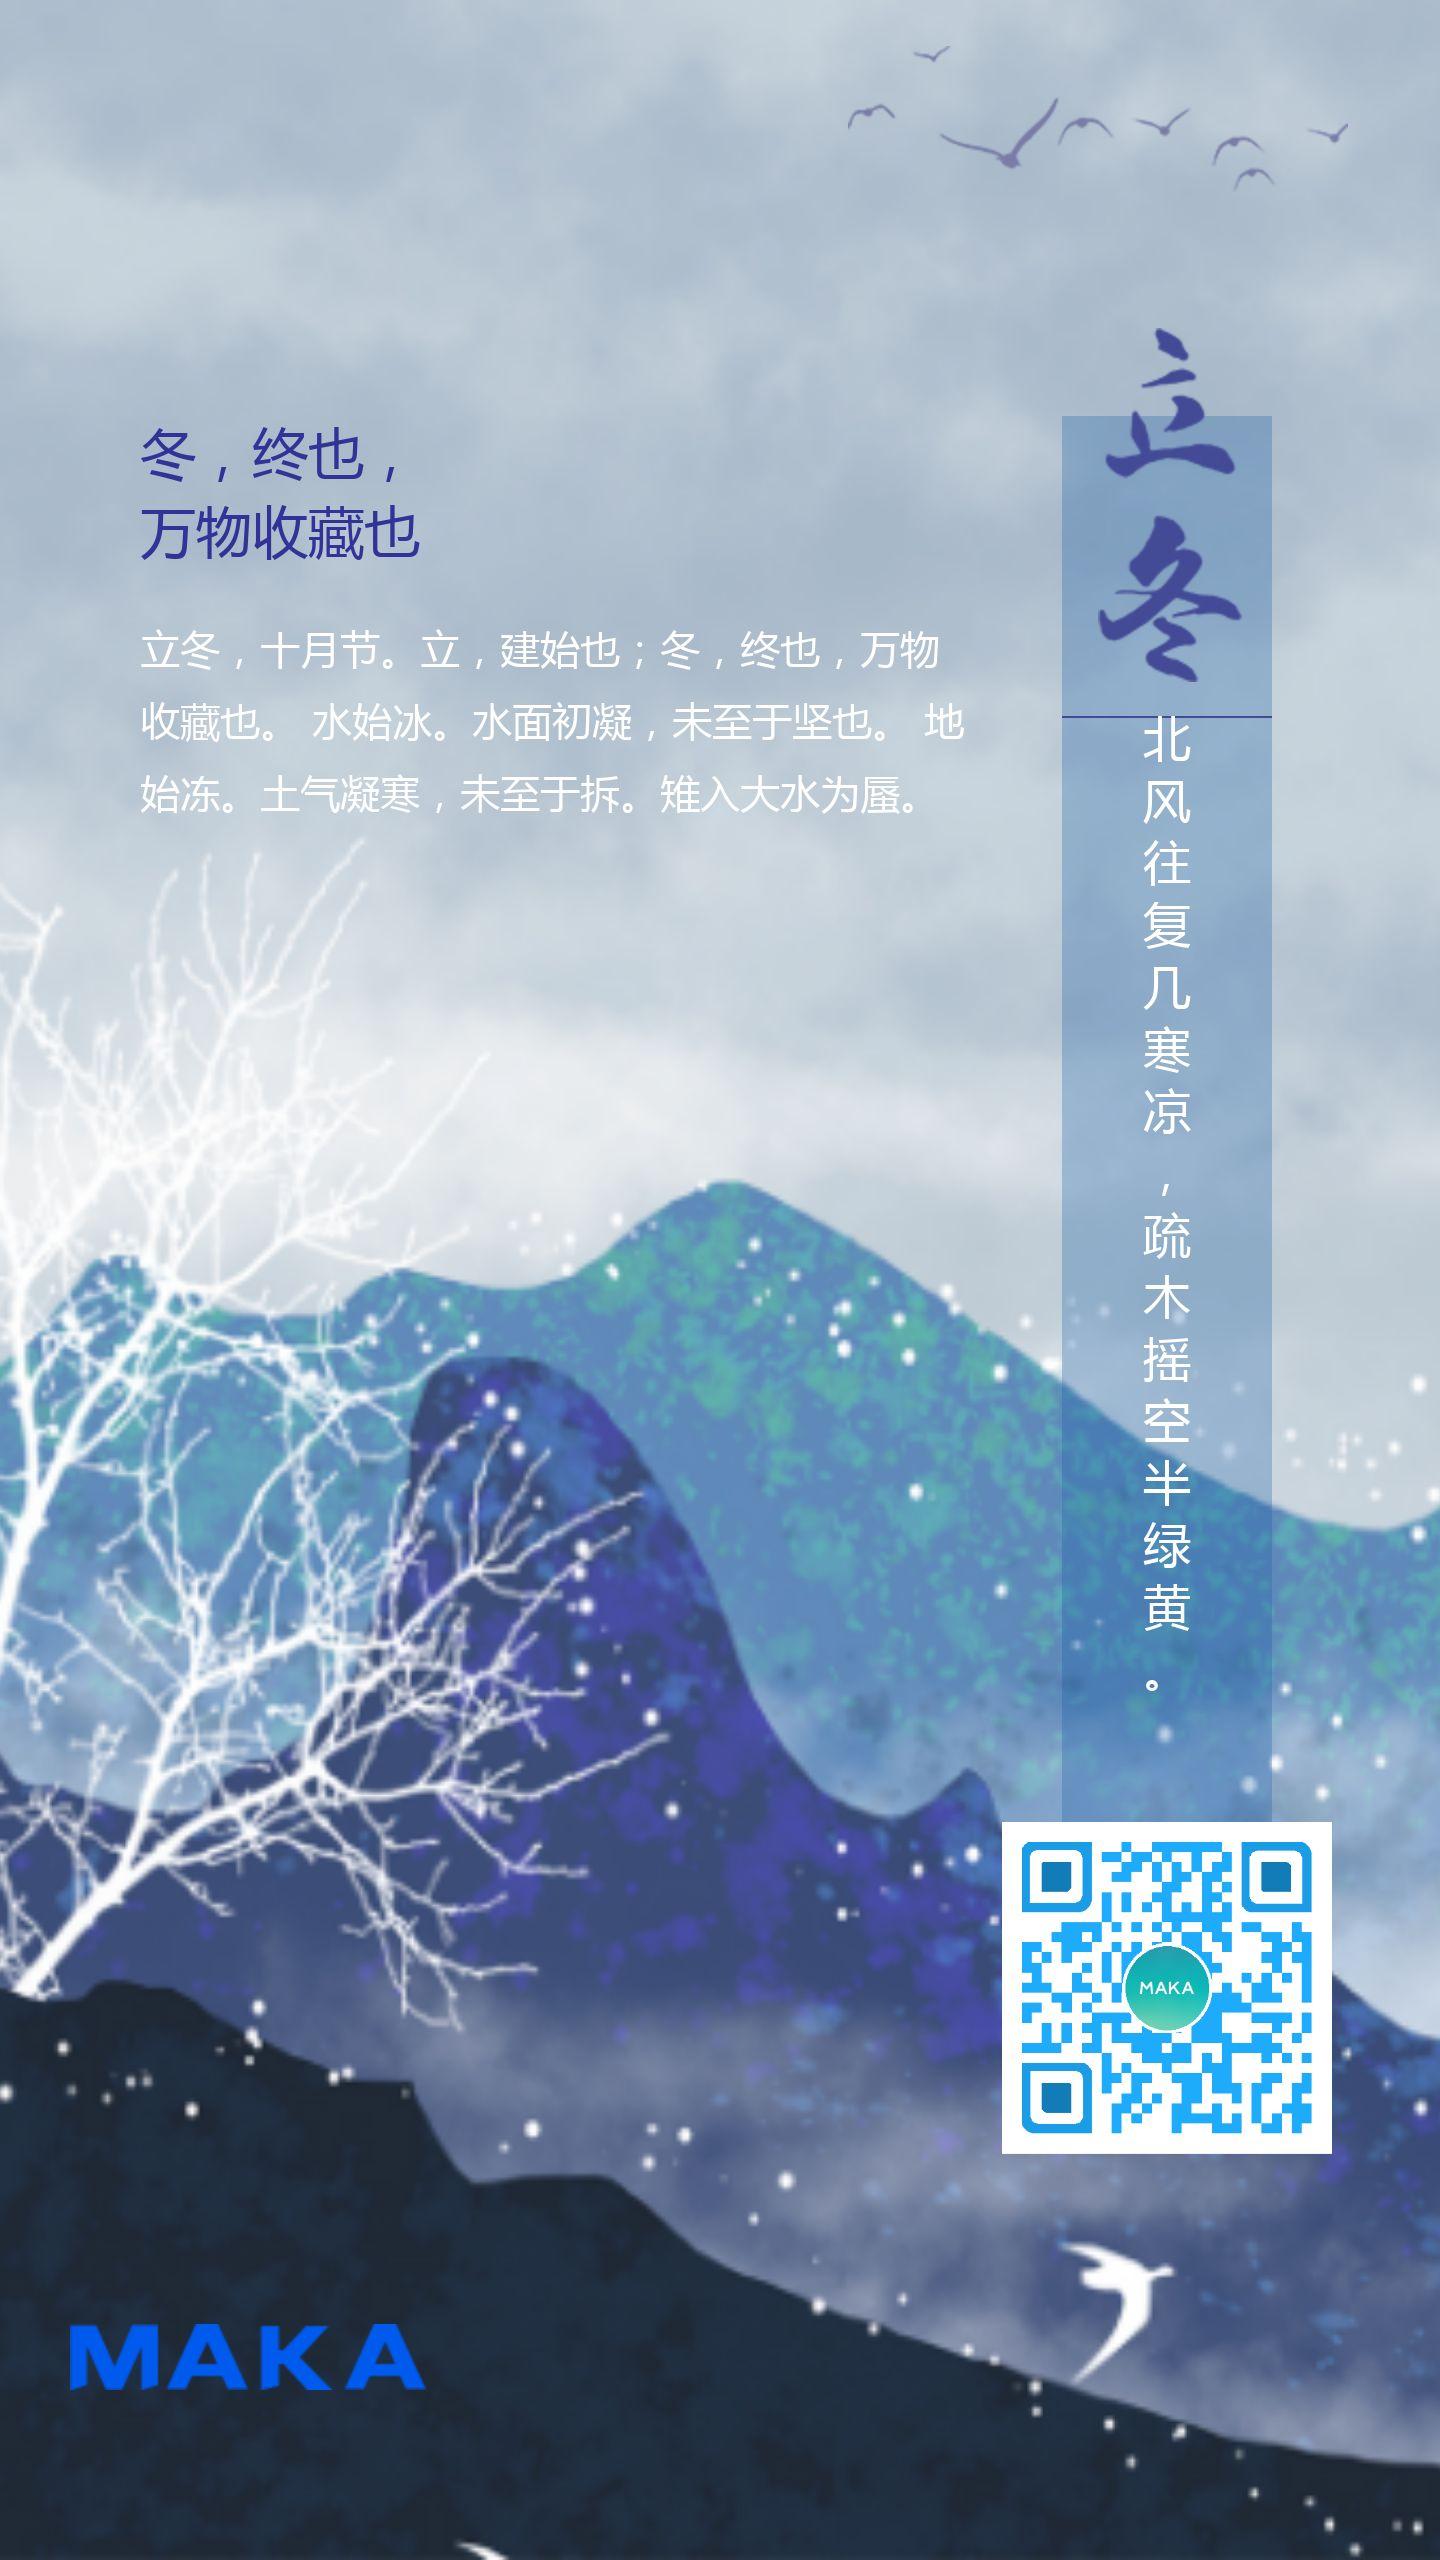 二十四节气立冬创意海报